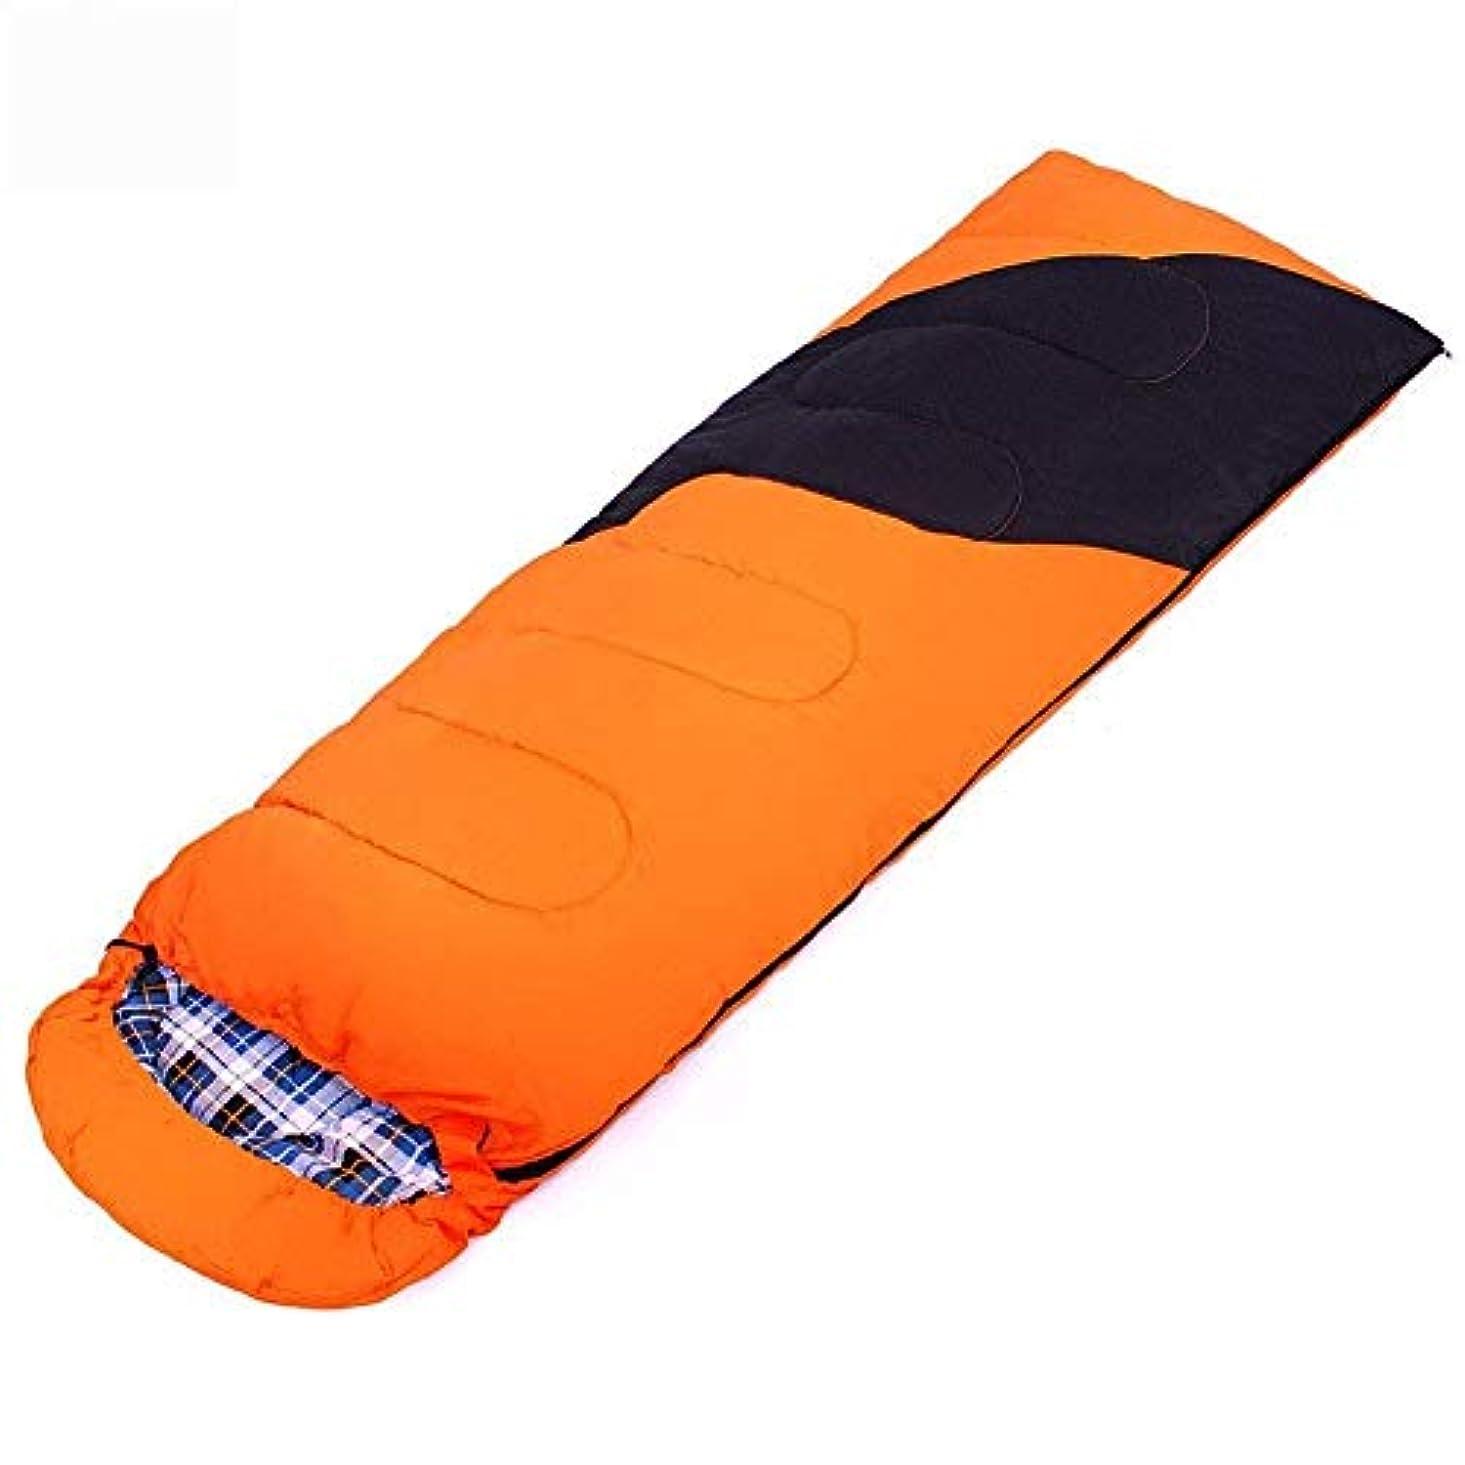 なめらかなハシー毒液大人のコンパクトのキャンプの寝袋単一の軽量防水暖かい睡眠マットハイキングのためのバックパック旅行屋内および屋外の活動青オレンジ(色:オレンジ)